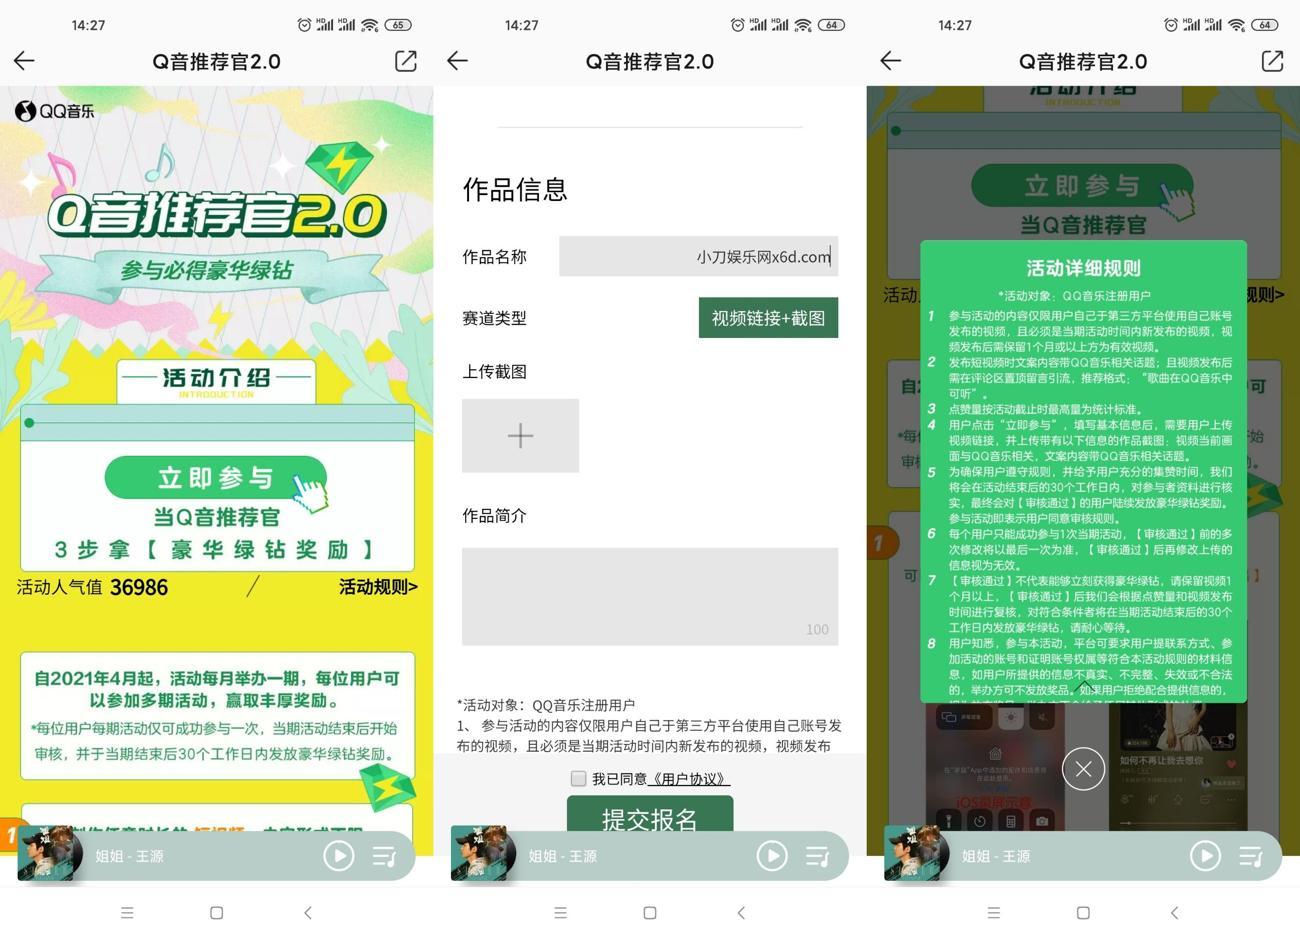 QQ音乐官方推荐白嫖7至365天绿钻